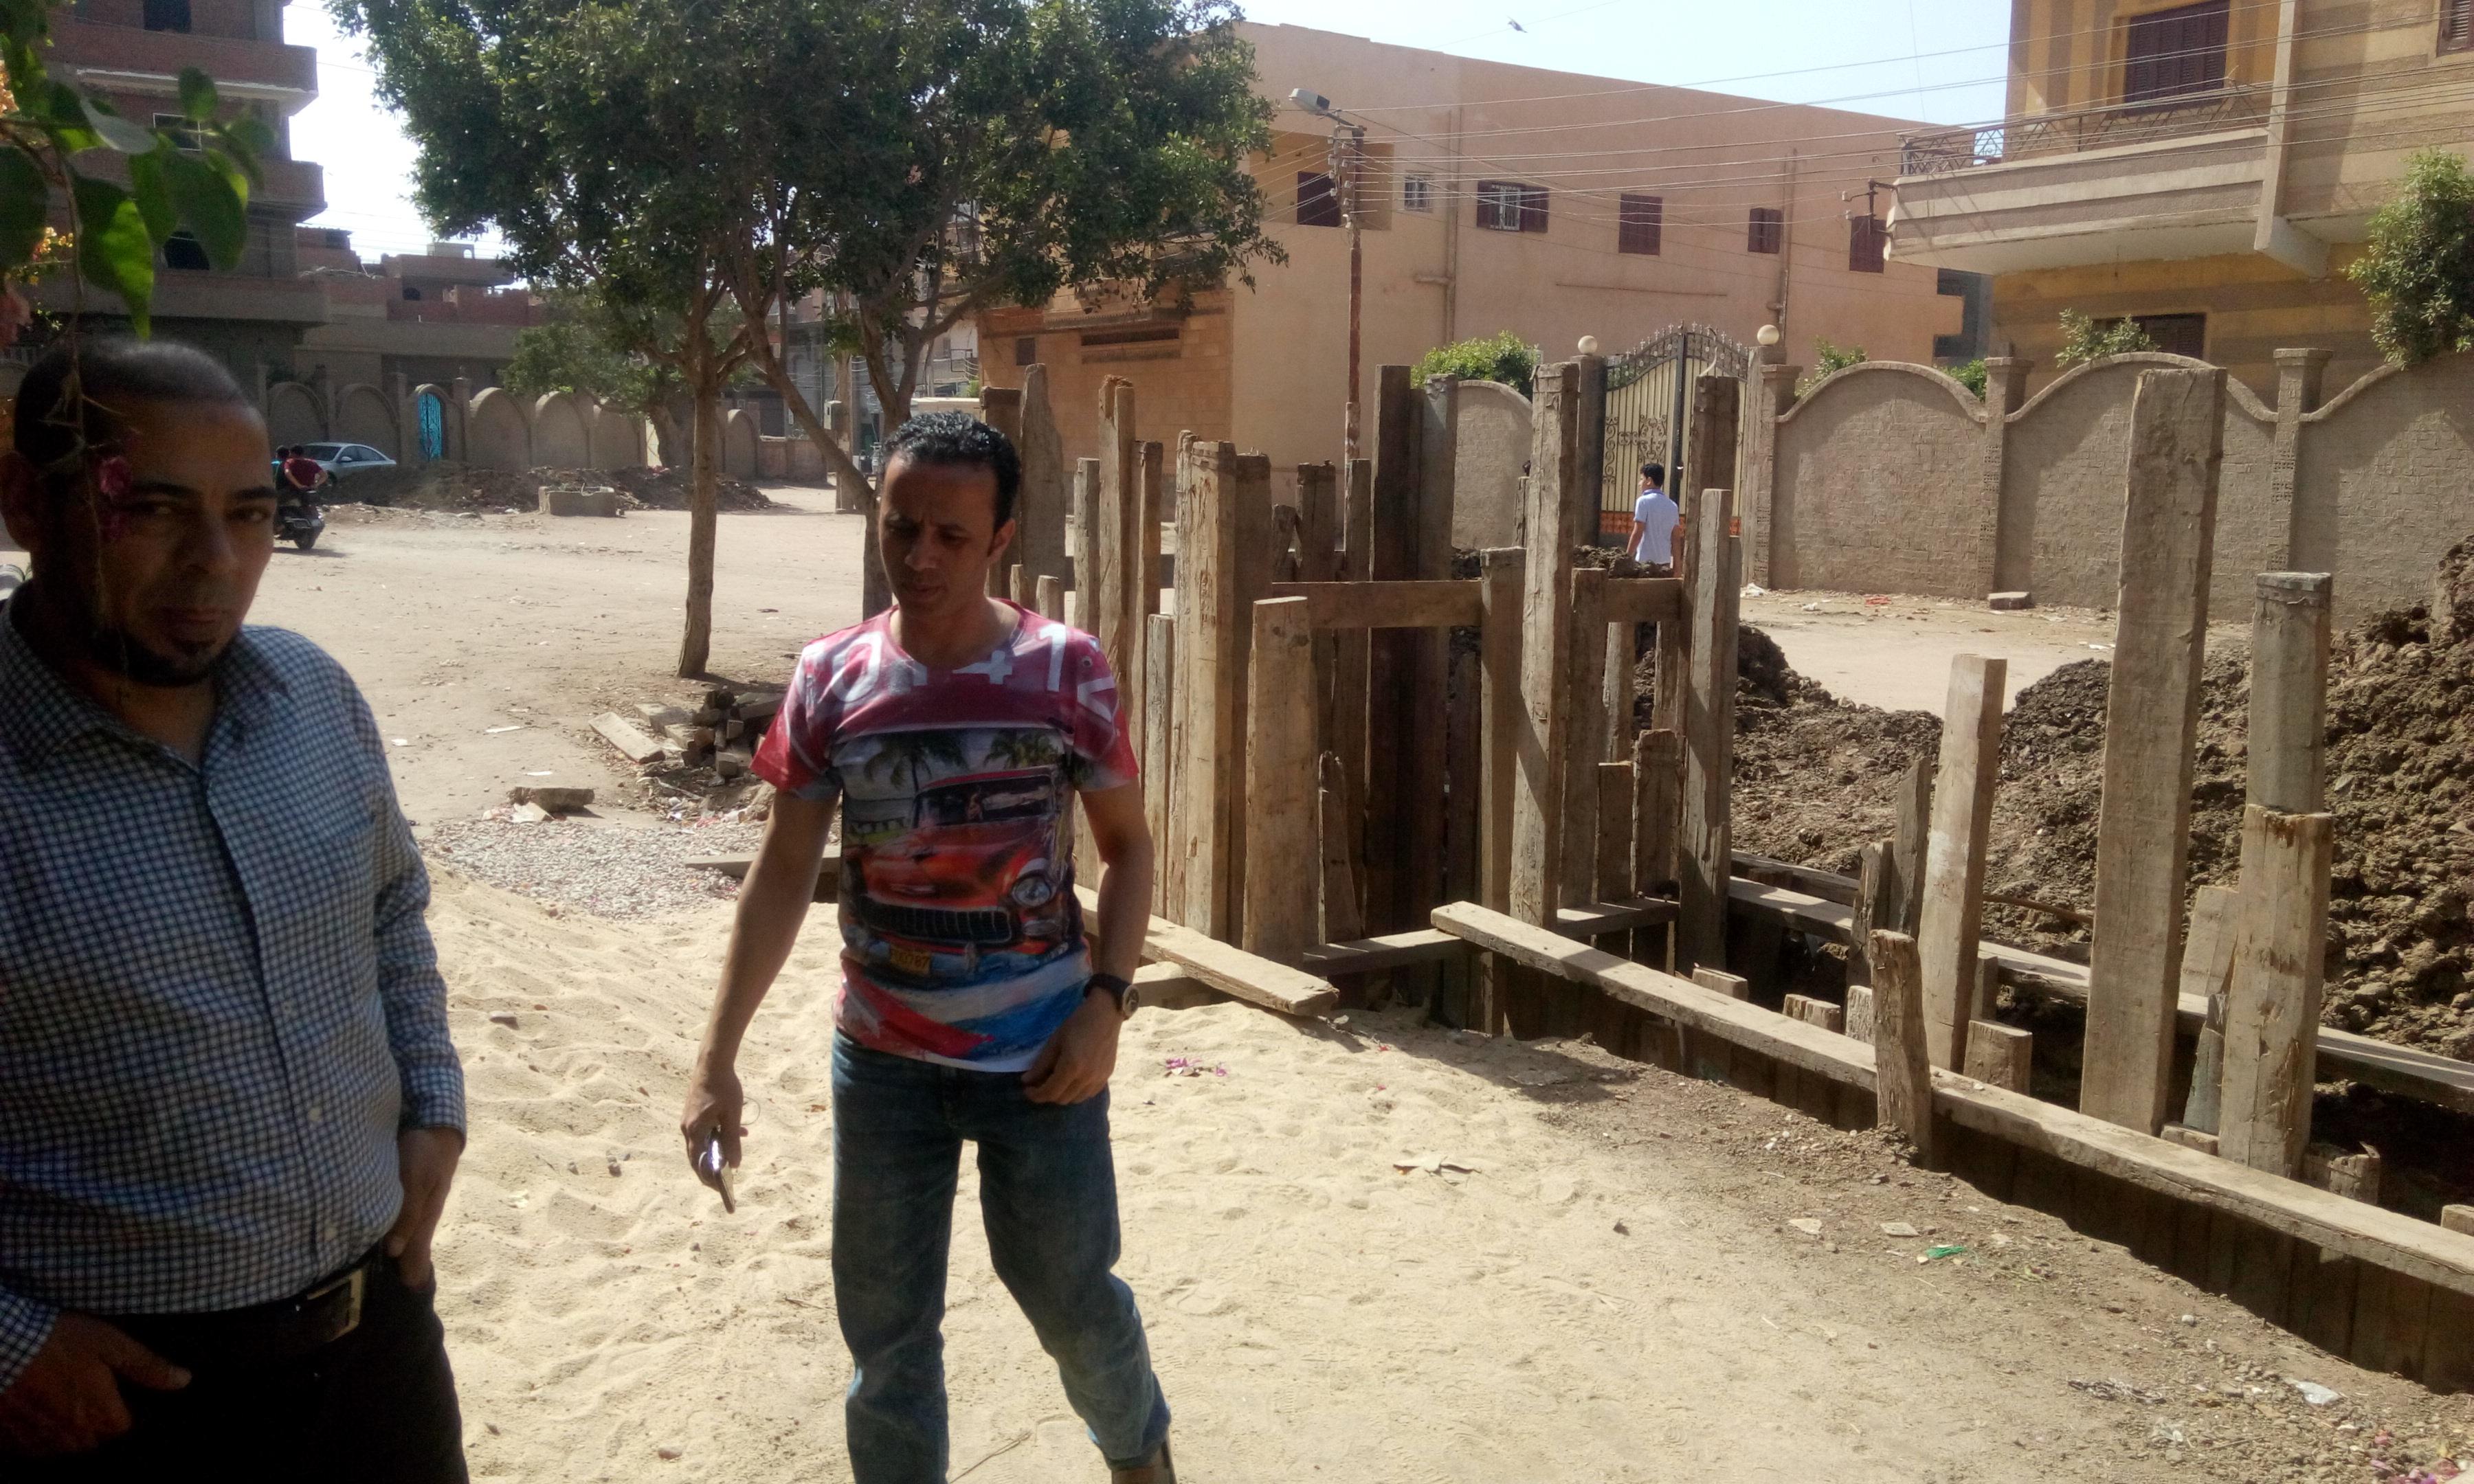 توقف العمل فى مشروع الصرف الصحى بقرية شبراملس فى الغربية (16)